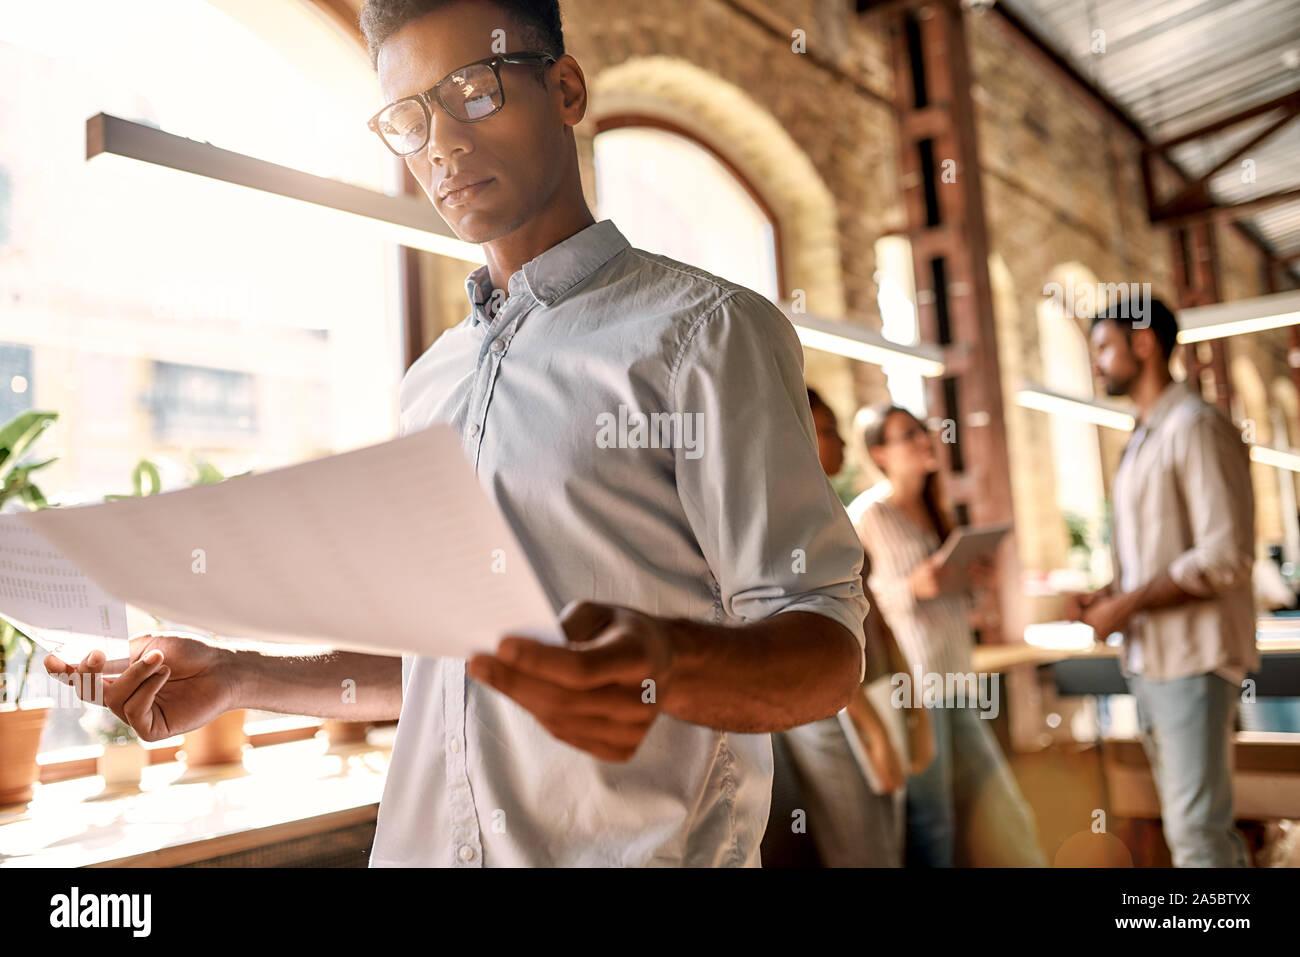 Arbeiten am neuen Projekt. Junge afro-amerikanische Mann in legere Kleidung die Analyse von Dokumenten, während im modernen Büro stehend Stockfoto